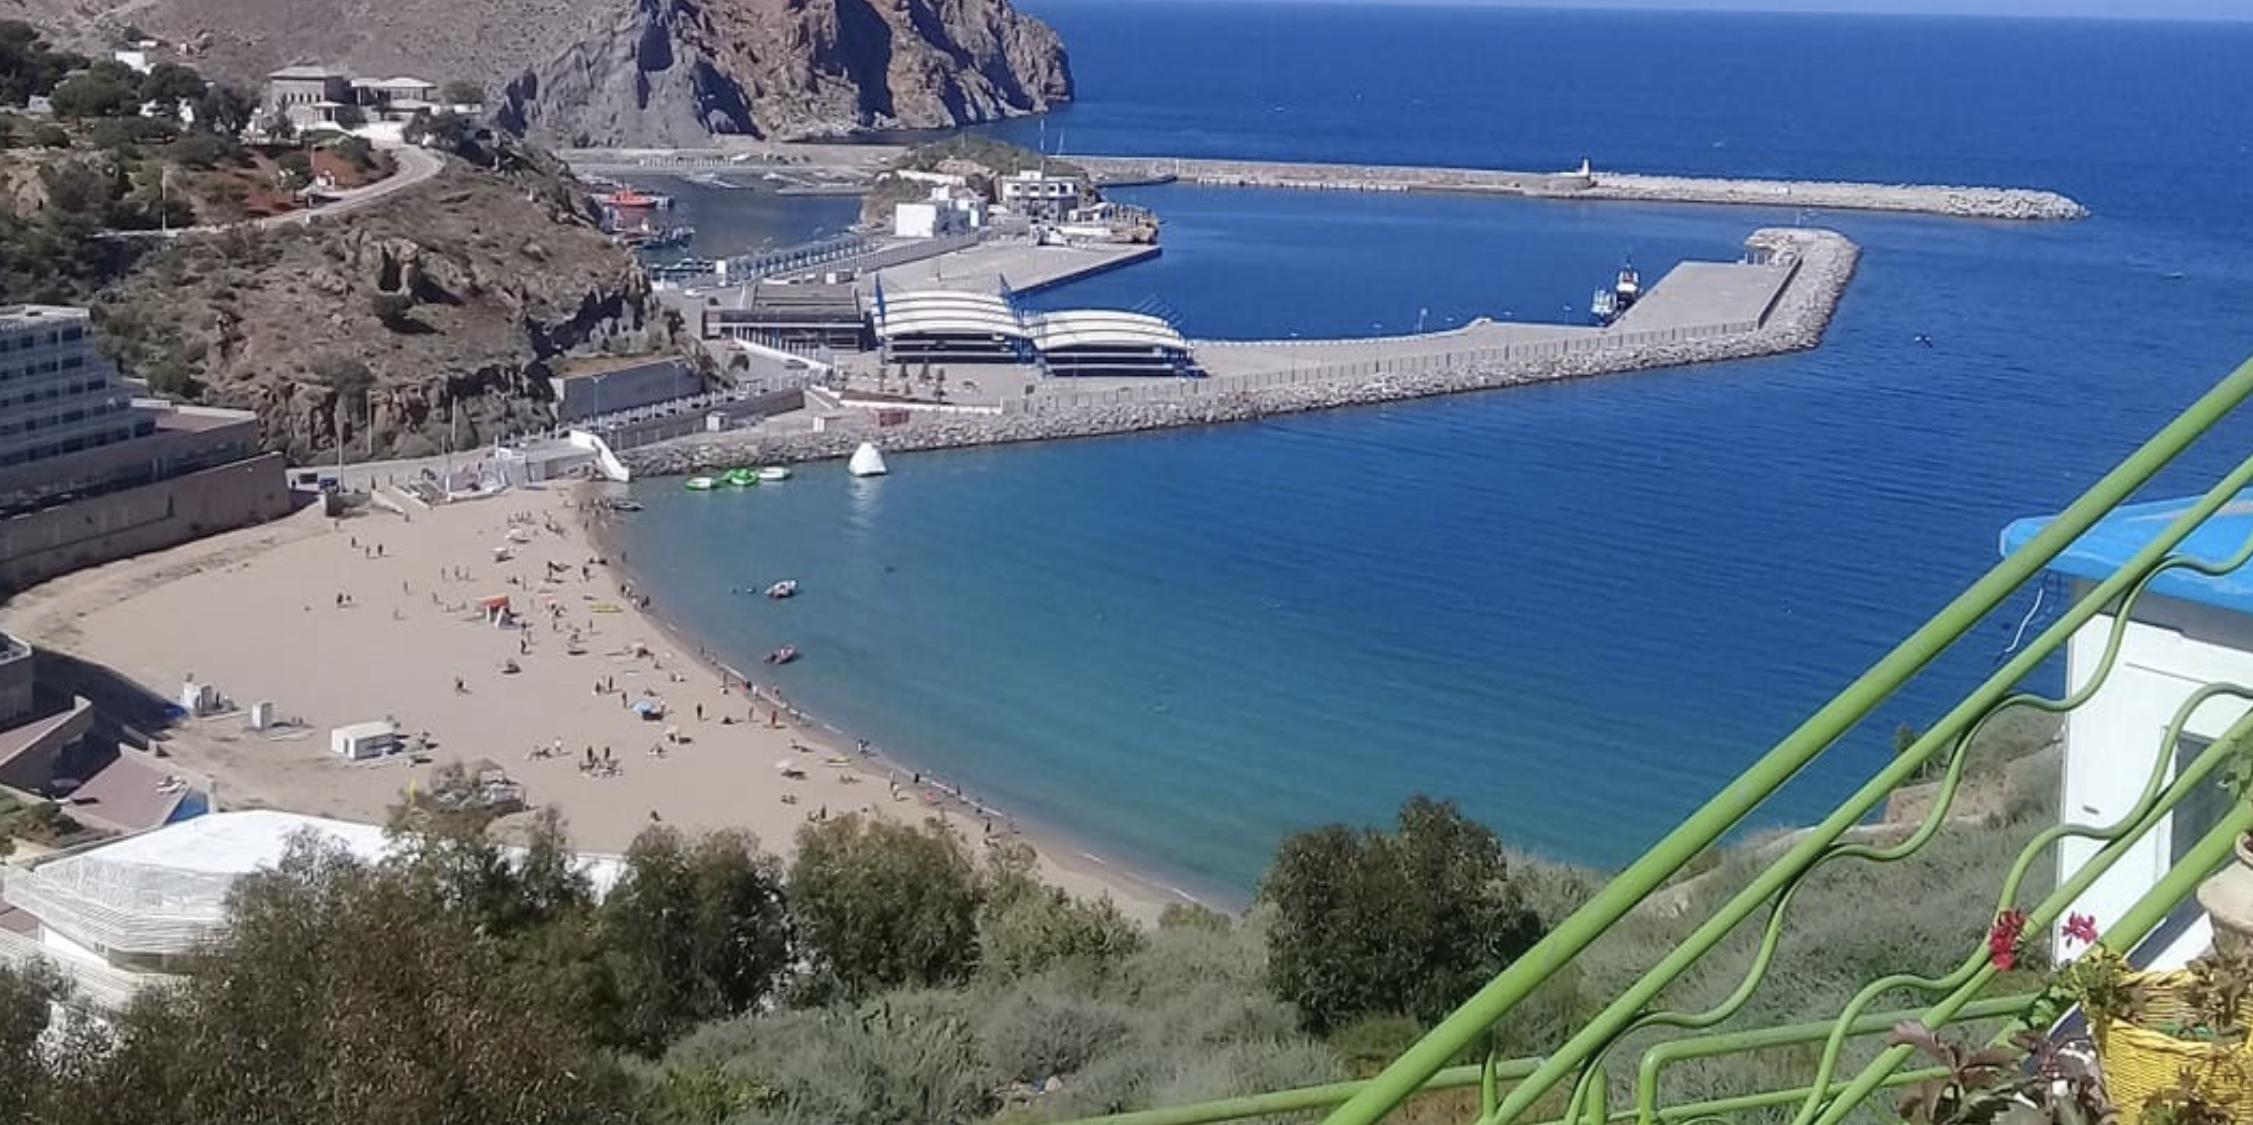 المكتب الوطني للسياحة يرفع الحيف عن الحسيمة بالترويج لها سياحيا بإسبانيا والإعداد لخط جوي بين مالقا والناظور